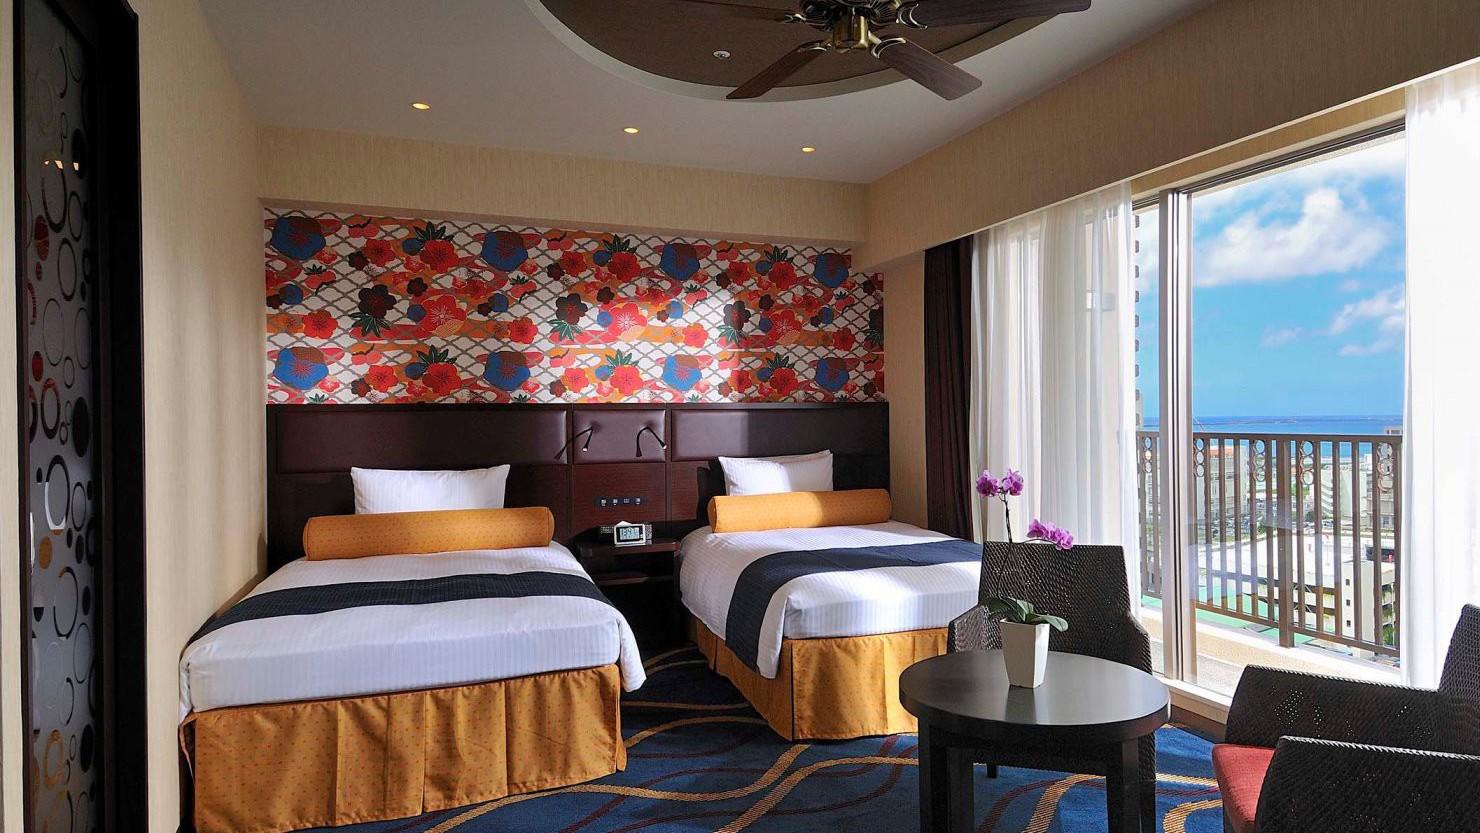 客室は海、波、花、太陽など沖縄の自然をモチーフに。 スーペリアツイン(36.7平米)